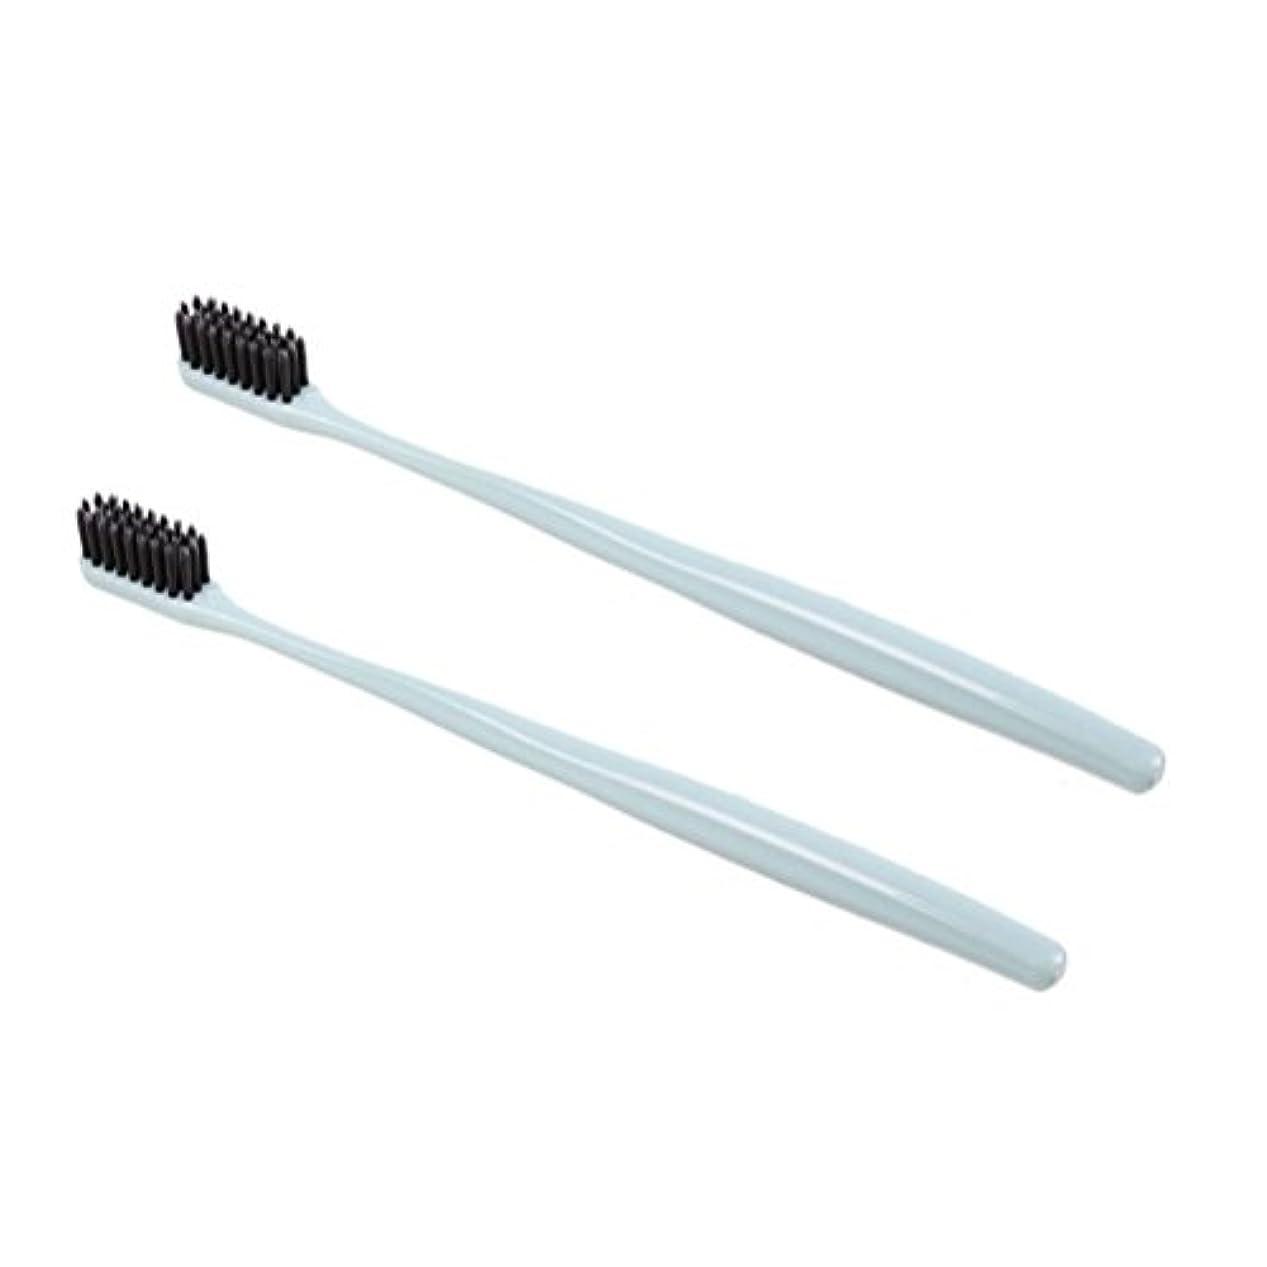 狂乱入口斧TOPBATHY 子供と大人のための2本の柔らかい歯ブラシ天然竹炭歯ブラシ小さなヘッド歯ブラシ(グリーン)